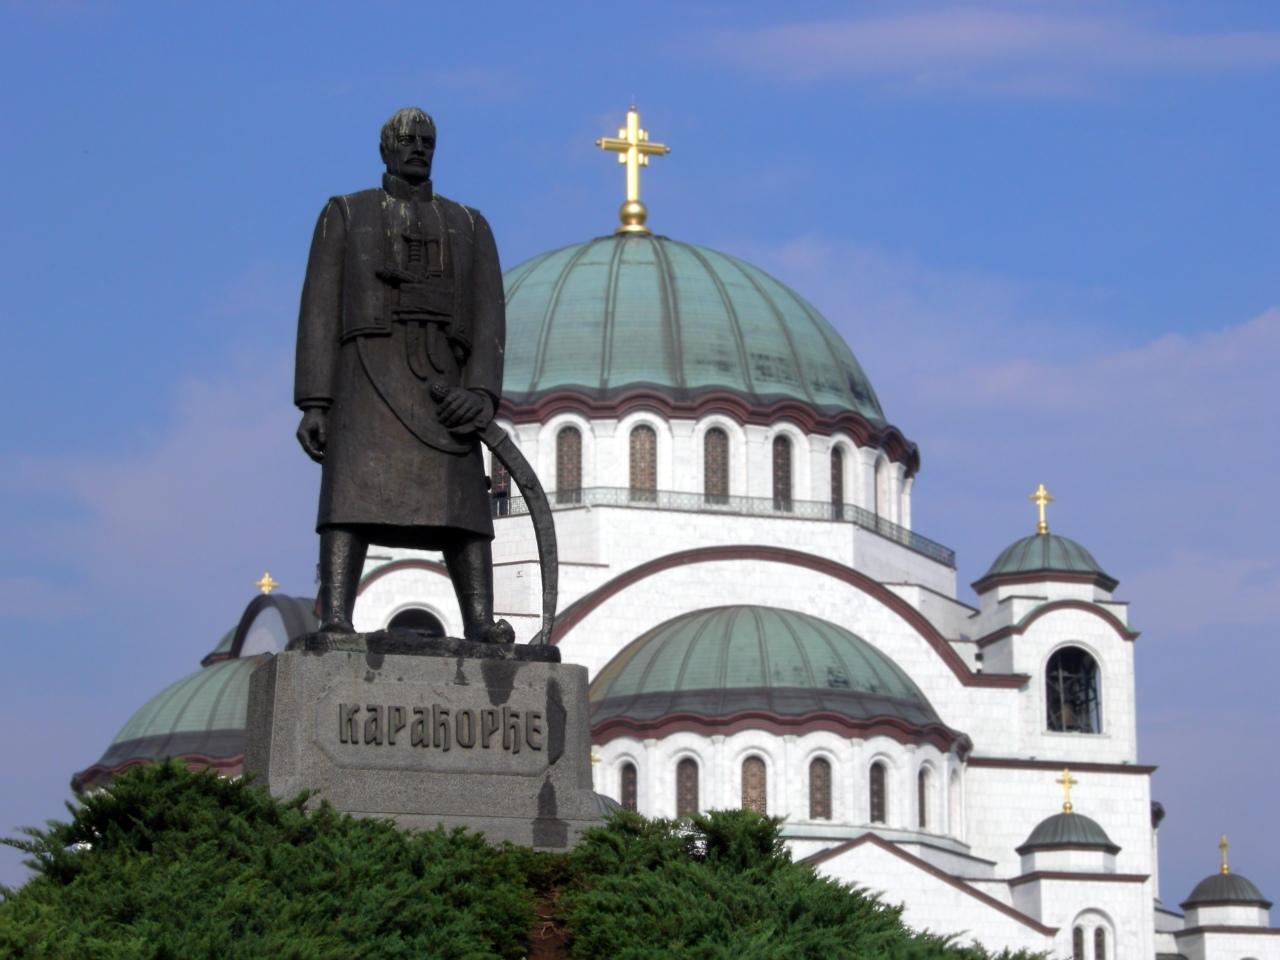 Srpski turizam - Beograd Kardjordje_spomenik_hram